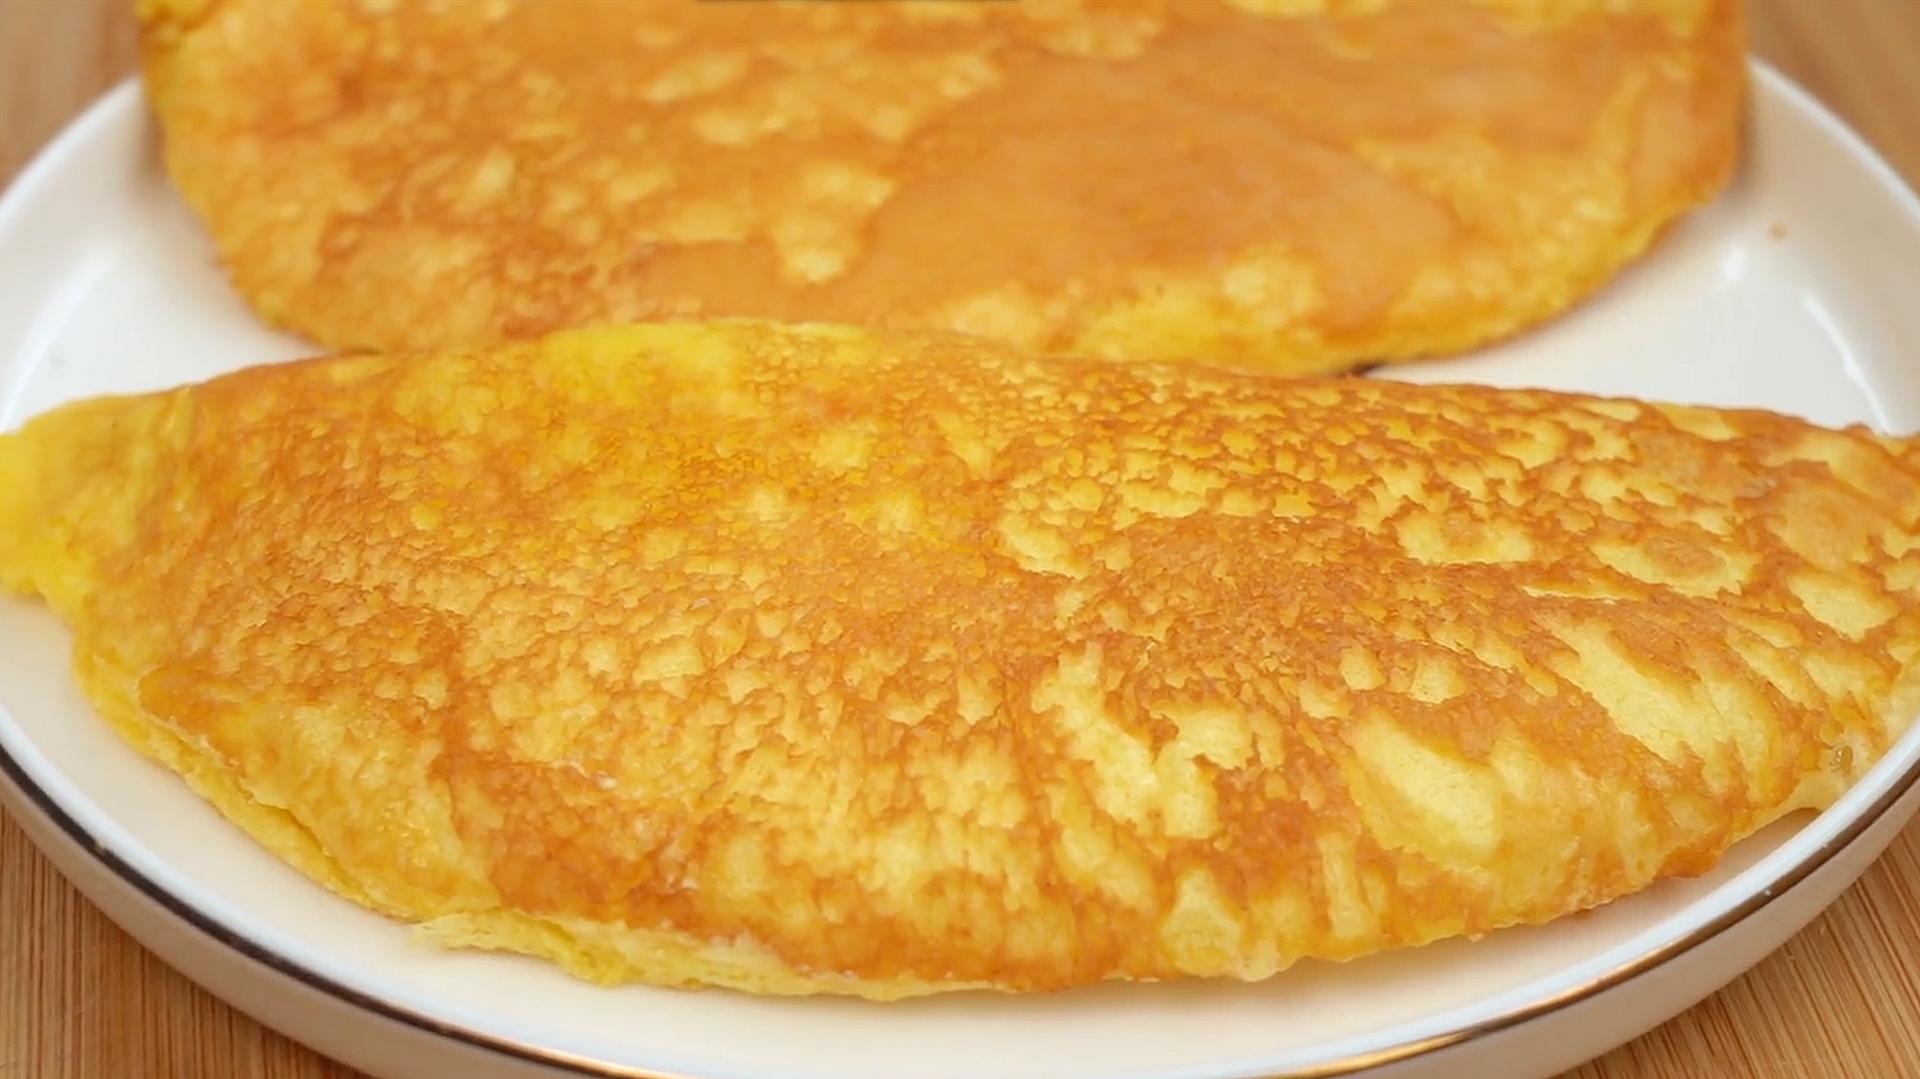 3个鸡蛋不加面粉,教你做早餐,比烙饼简单,绵软细腻,入口即化 美食做法 第1张